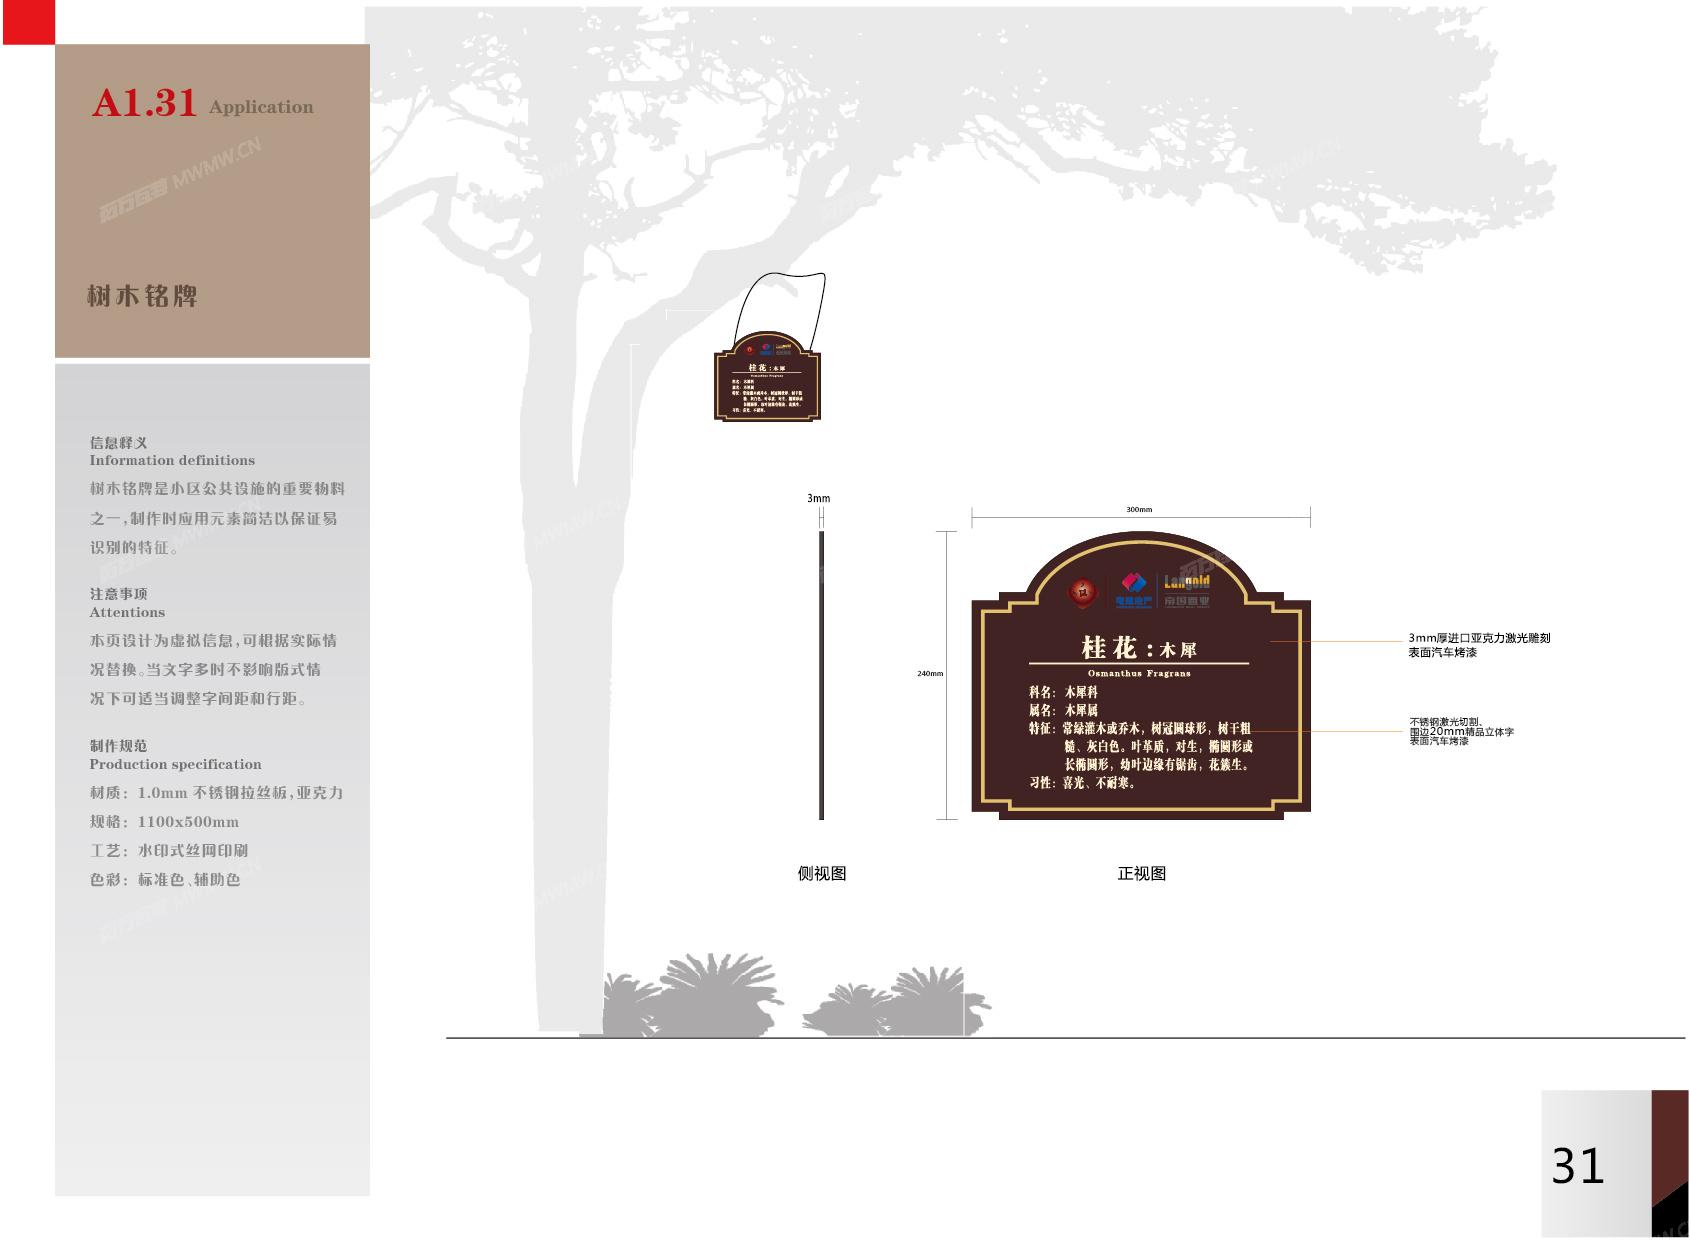 泷悦华府环境导视系统设计方案3.0cs520180112-33.jpg